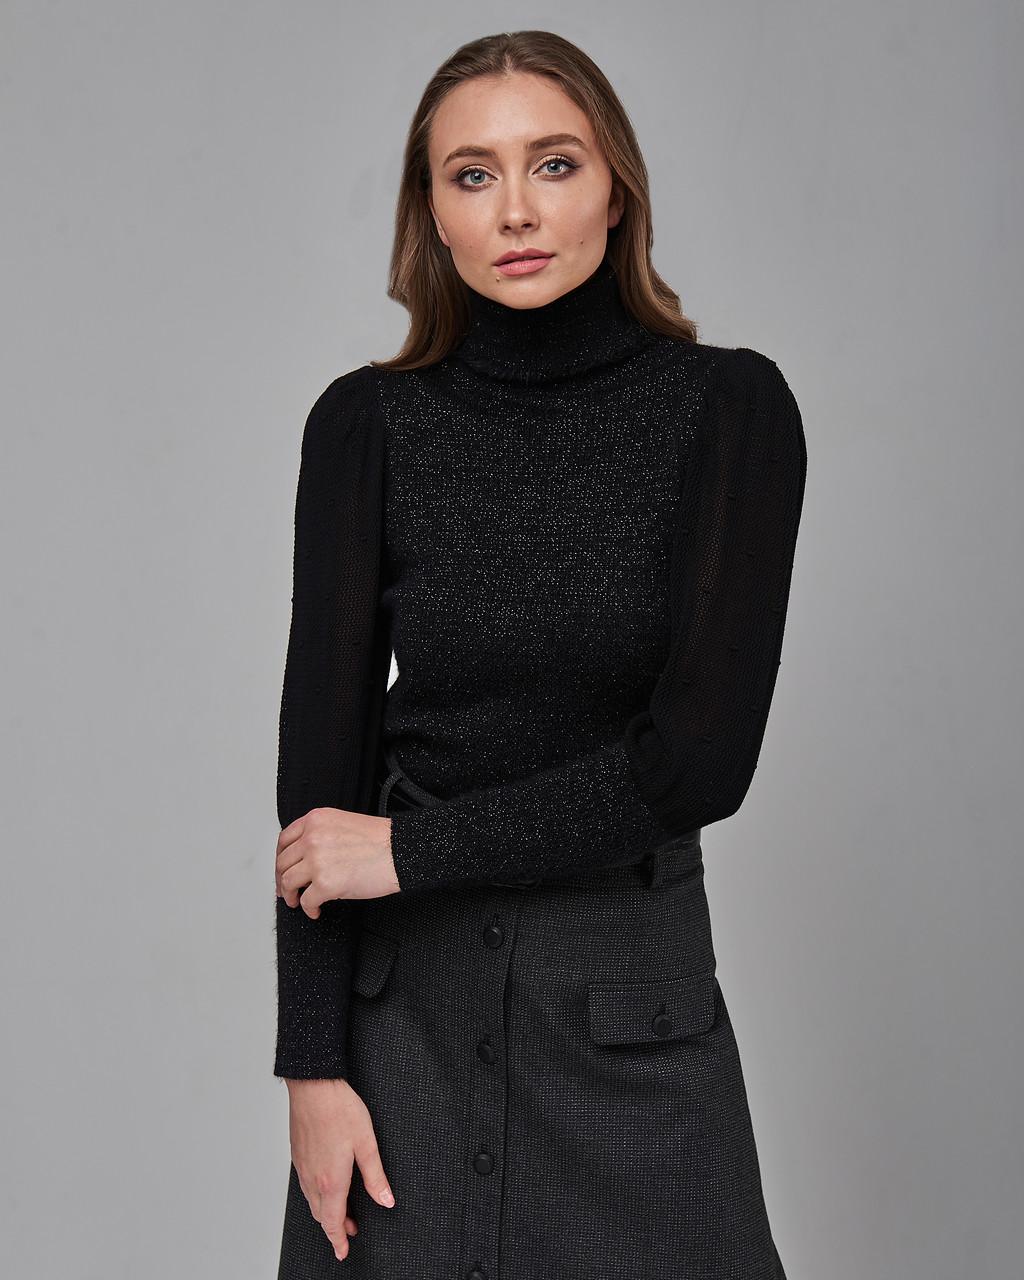 Женский черный свитер Serianno. Турция